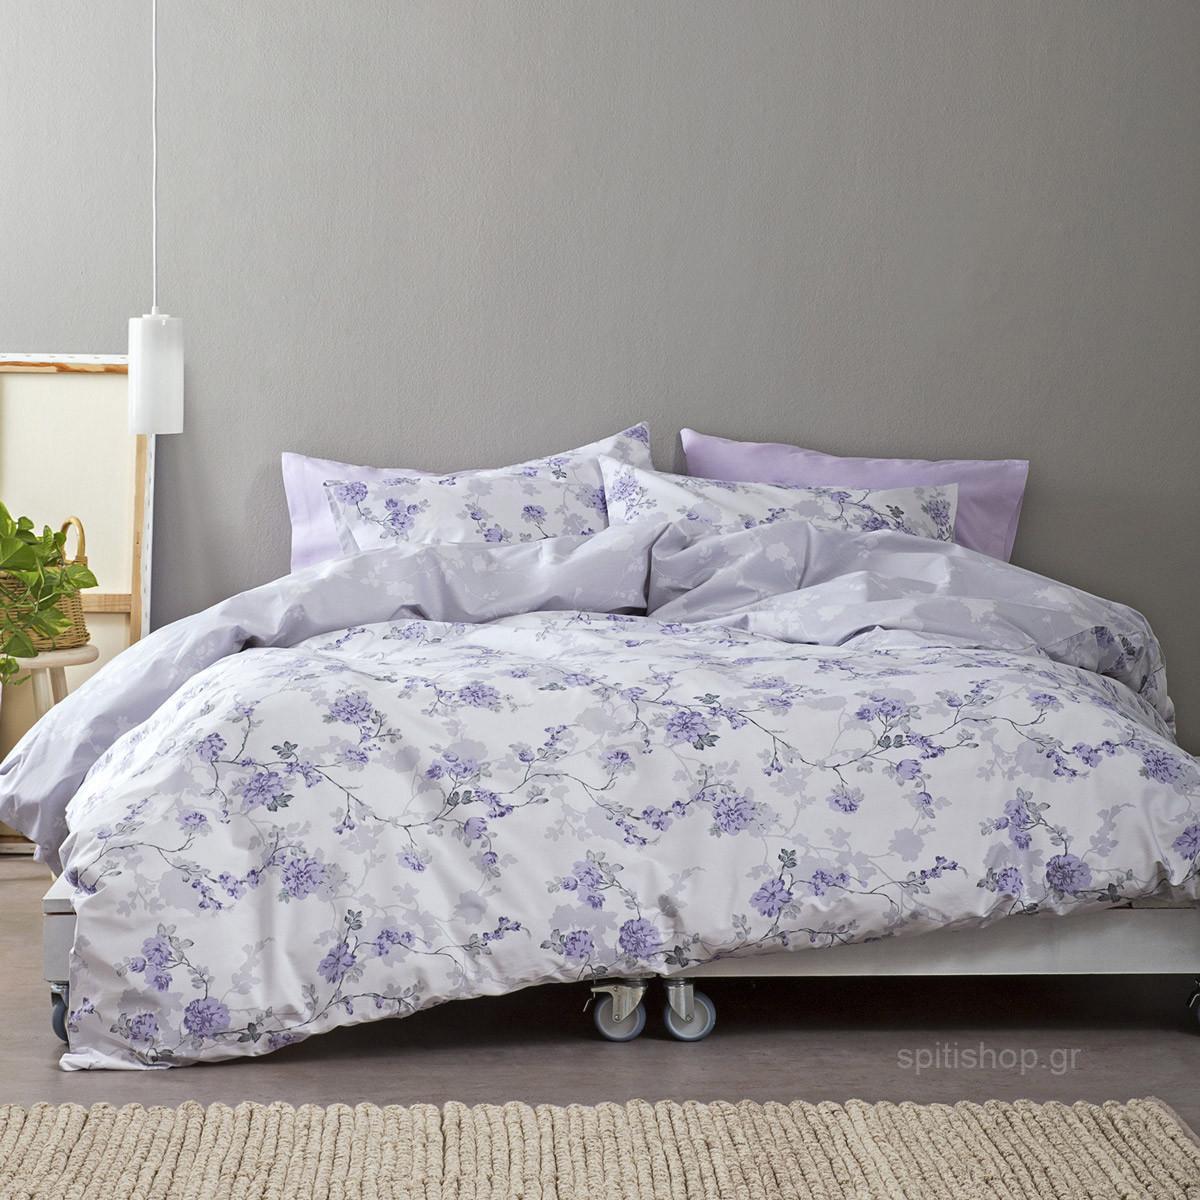 Παπλωματοθήκη Υπέρδιπλη (Σετ) Nima Bed Linen Peonia Lilac